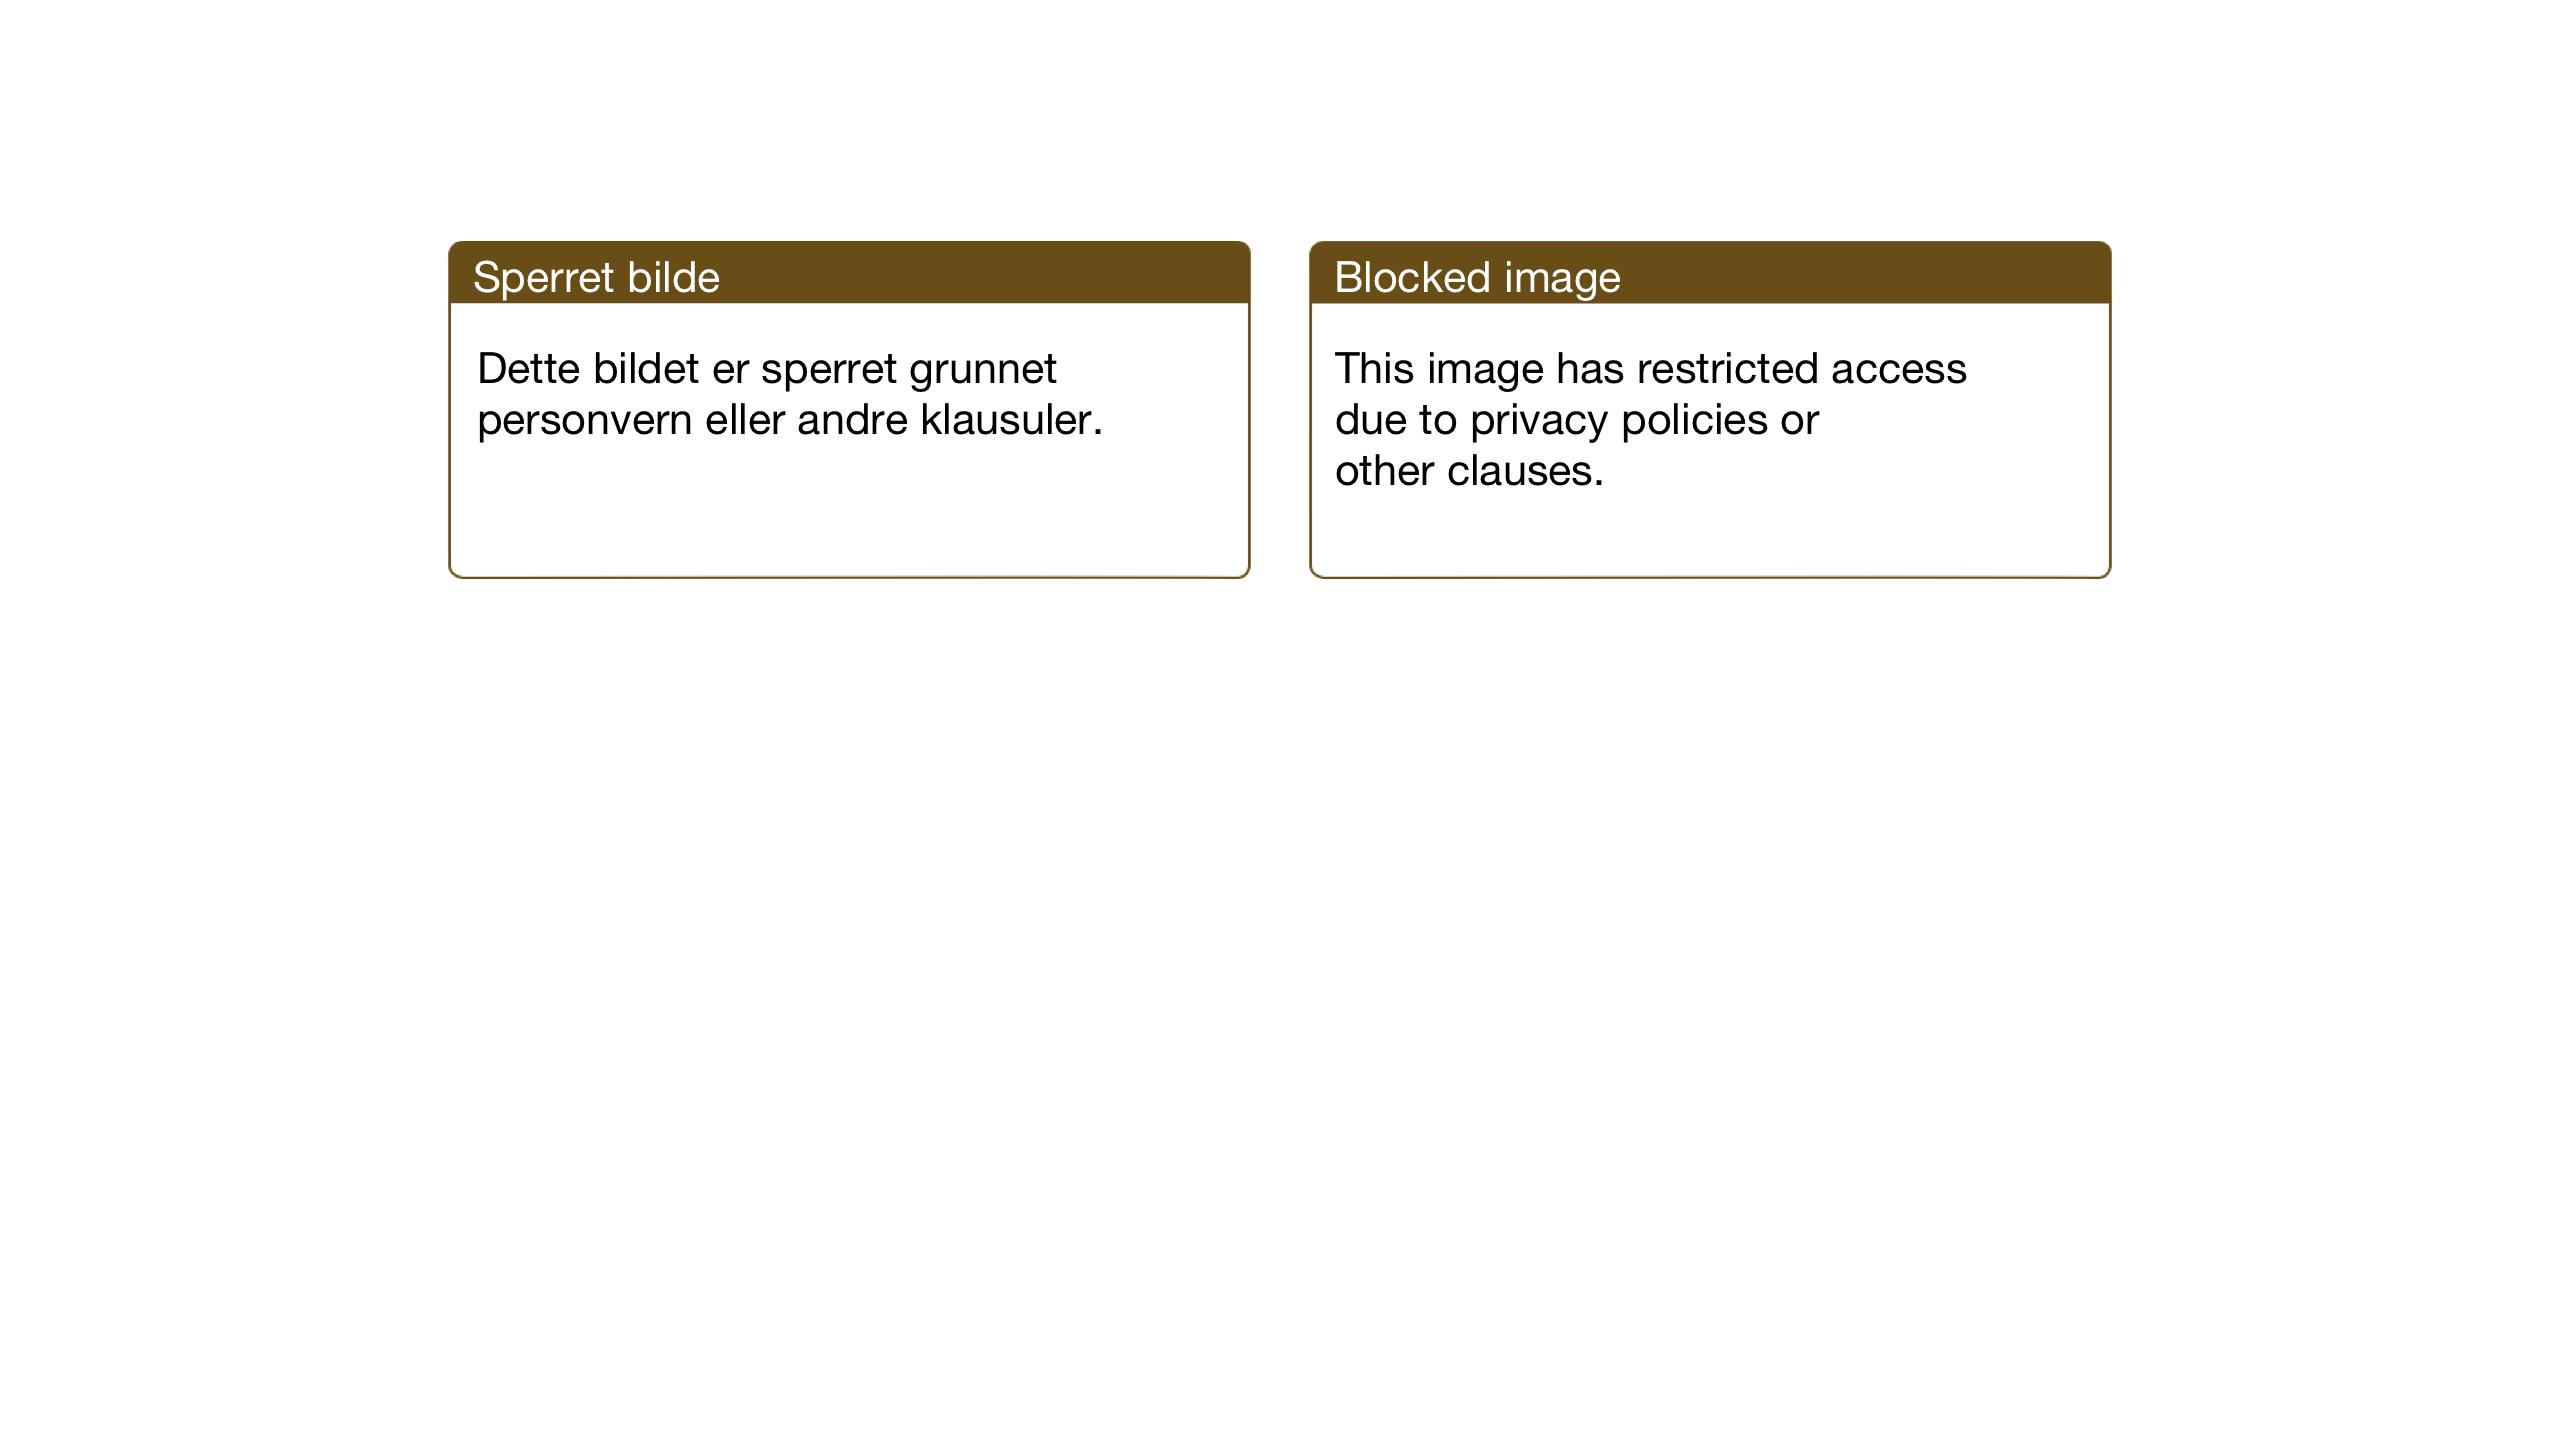 SAT, Ministerialprotokoller, klokkerbøker og fødselsregistre - Nord-Trøndelag, 755/L0500: Klokkerbok nr. 755C01, 1920-1962, s. 16